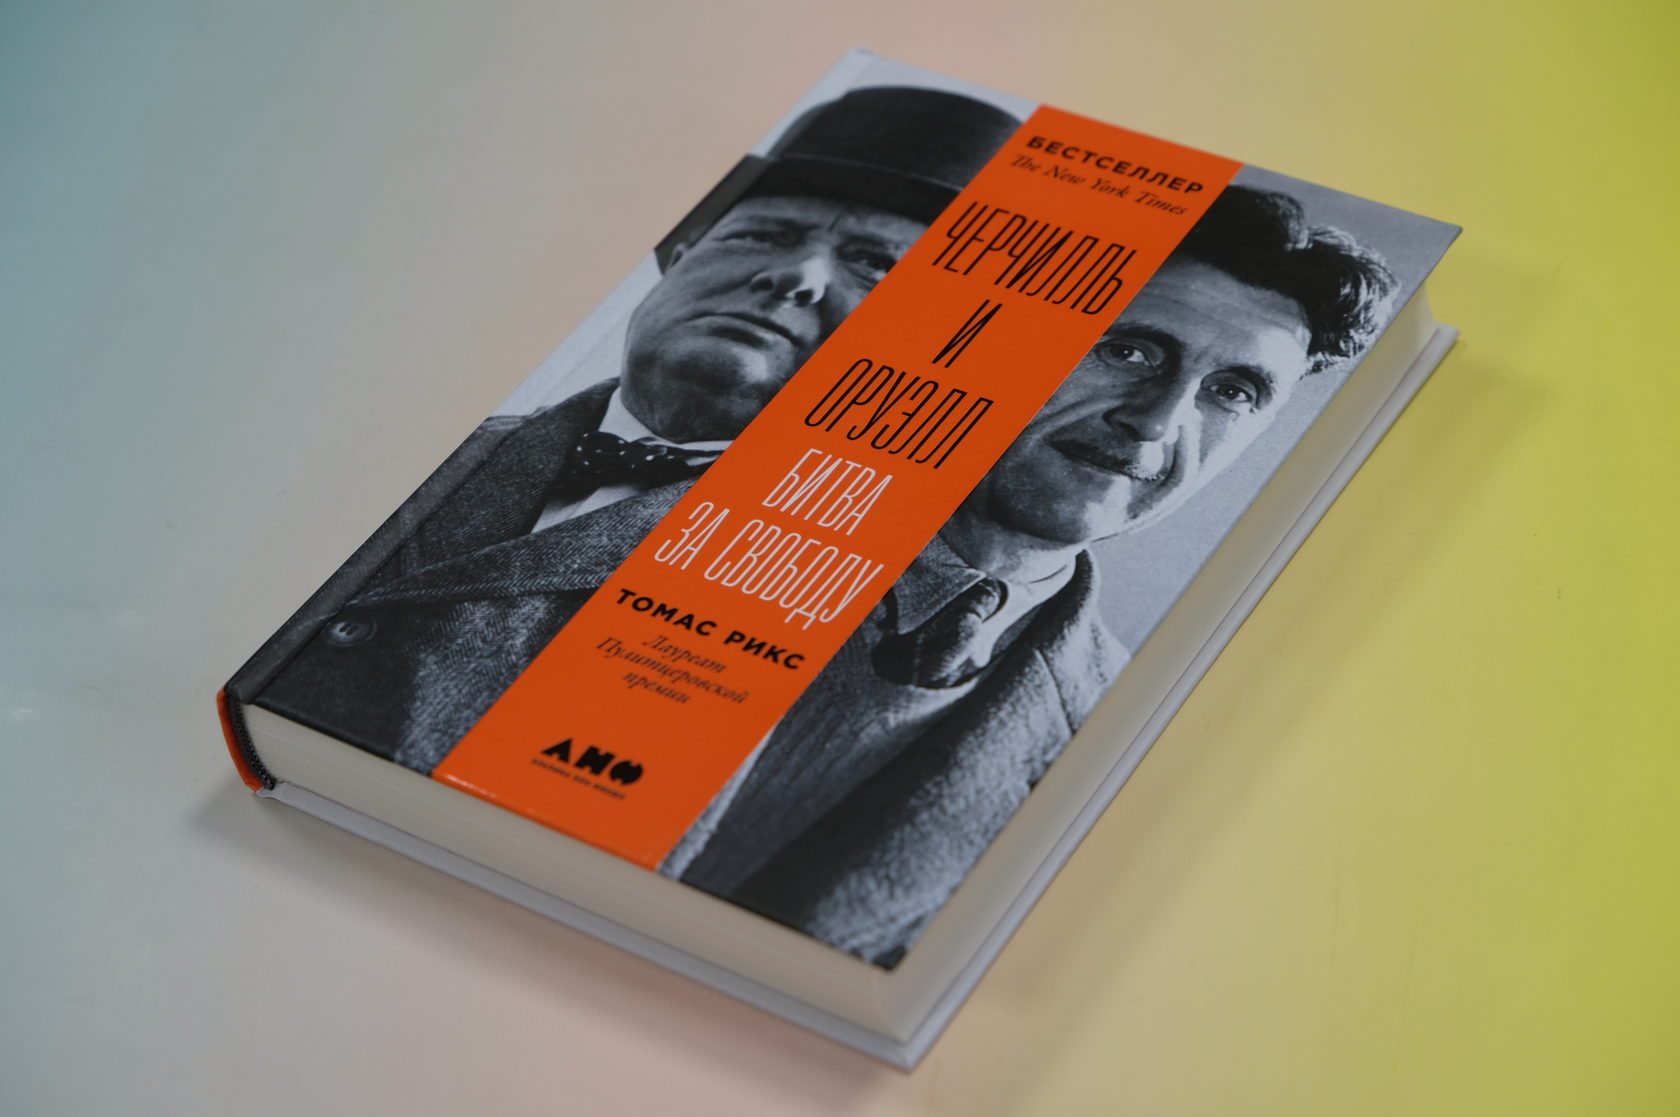 Томас Рикс «Черчилль и Оруэлл: Битва за свободу» 978-5-00139-085-5